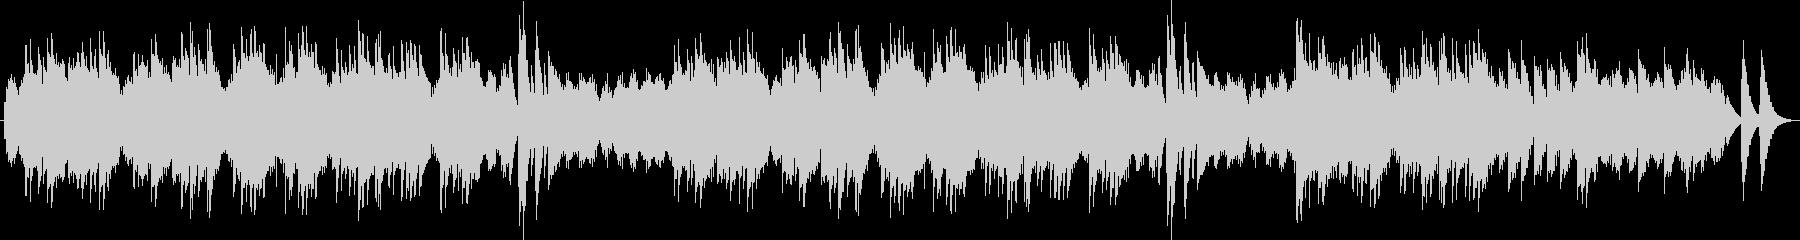 歌の翼に(オルゴールアレンジ)の未再生の波形